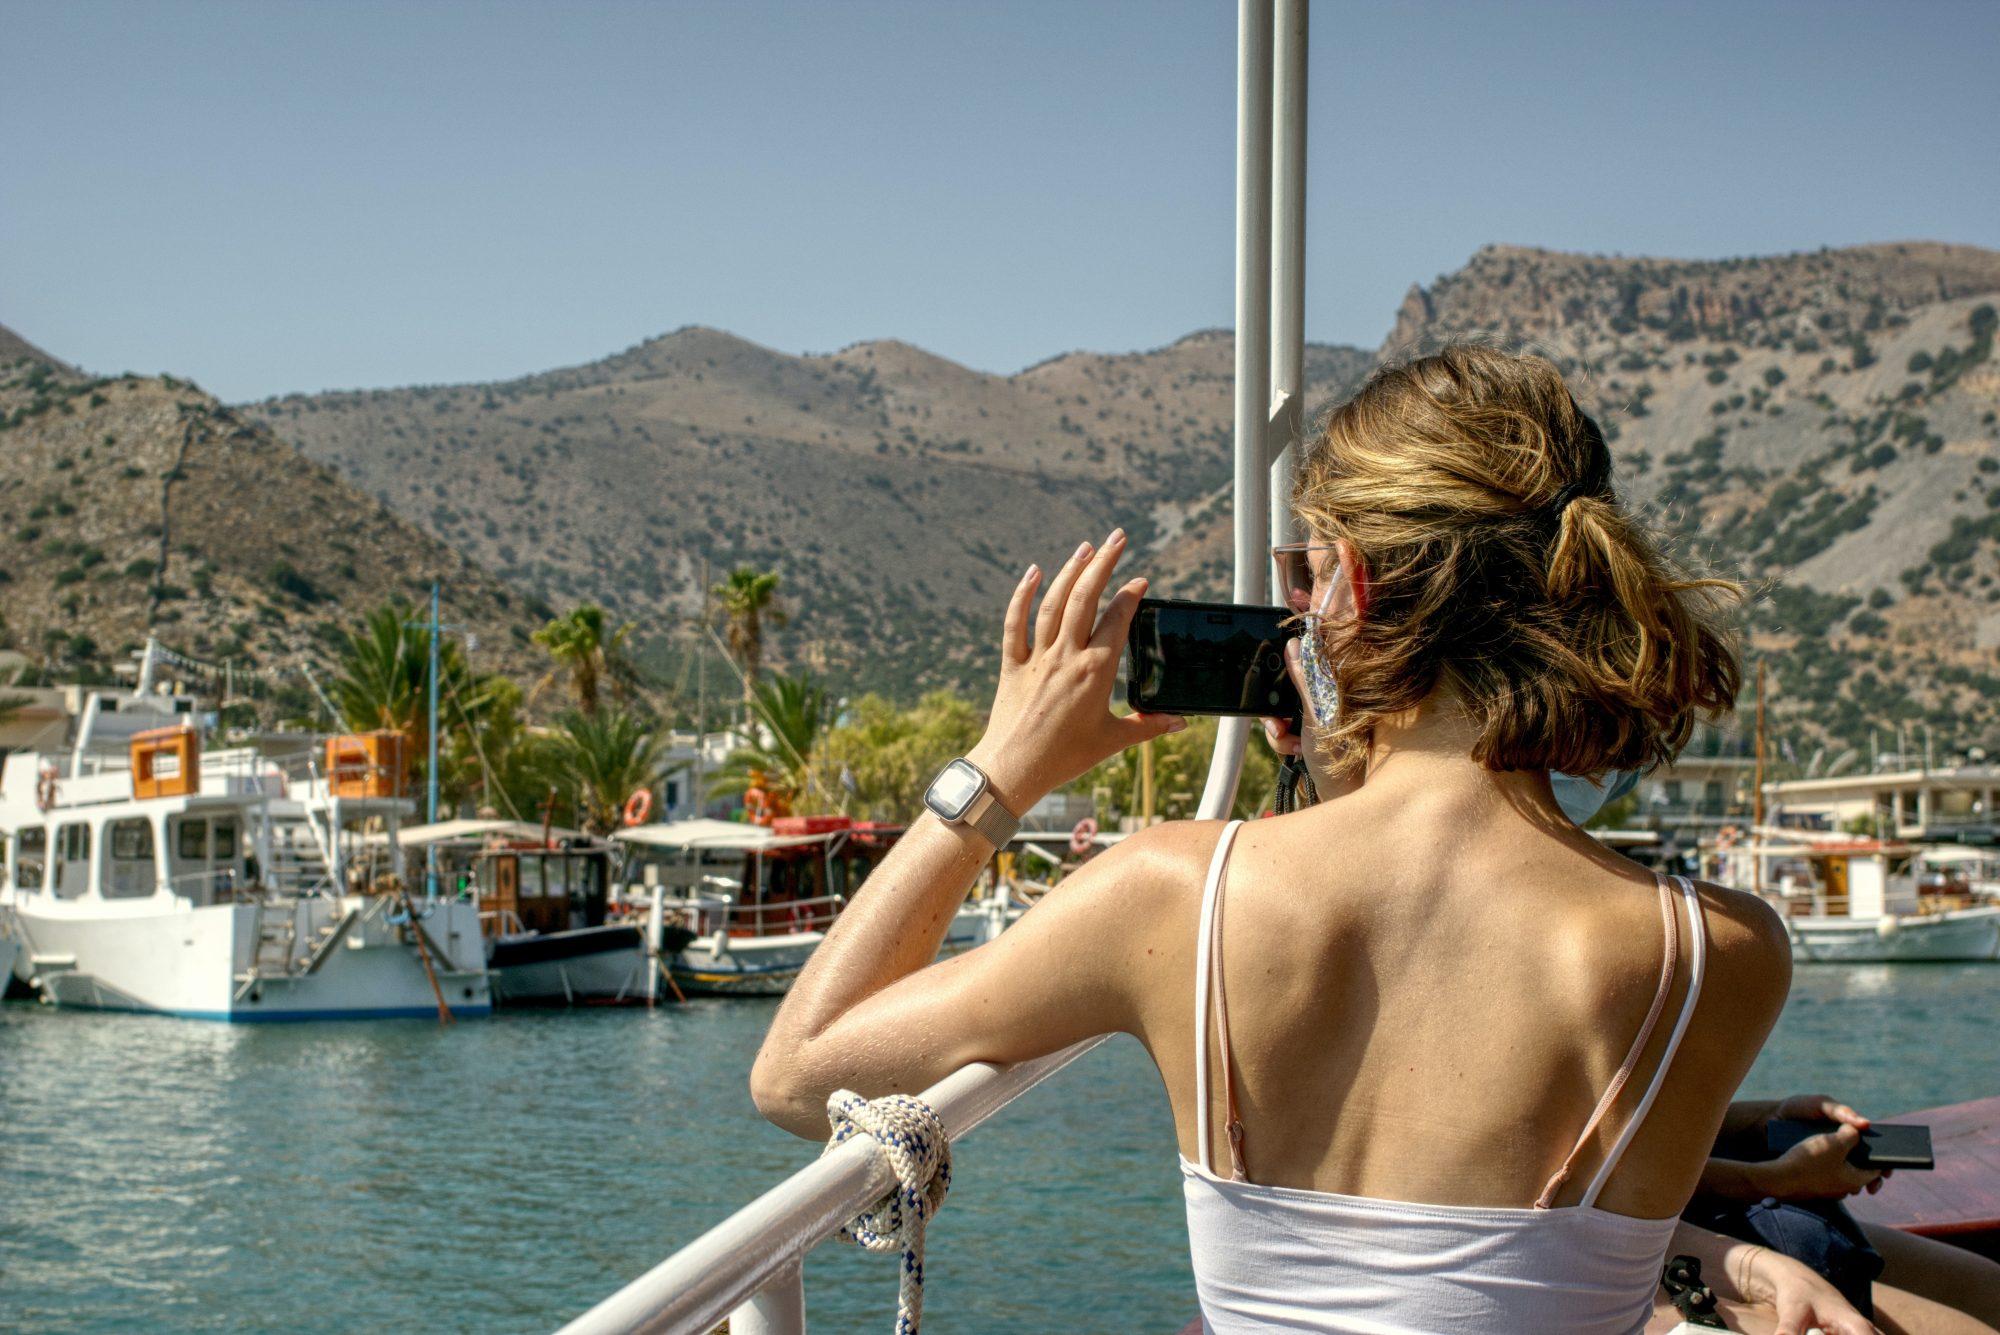 la situación actual del sector turístico y la teoría del bote de kétchup